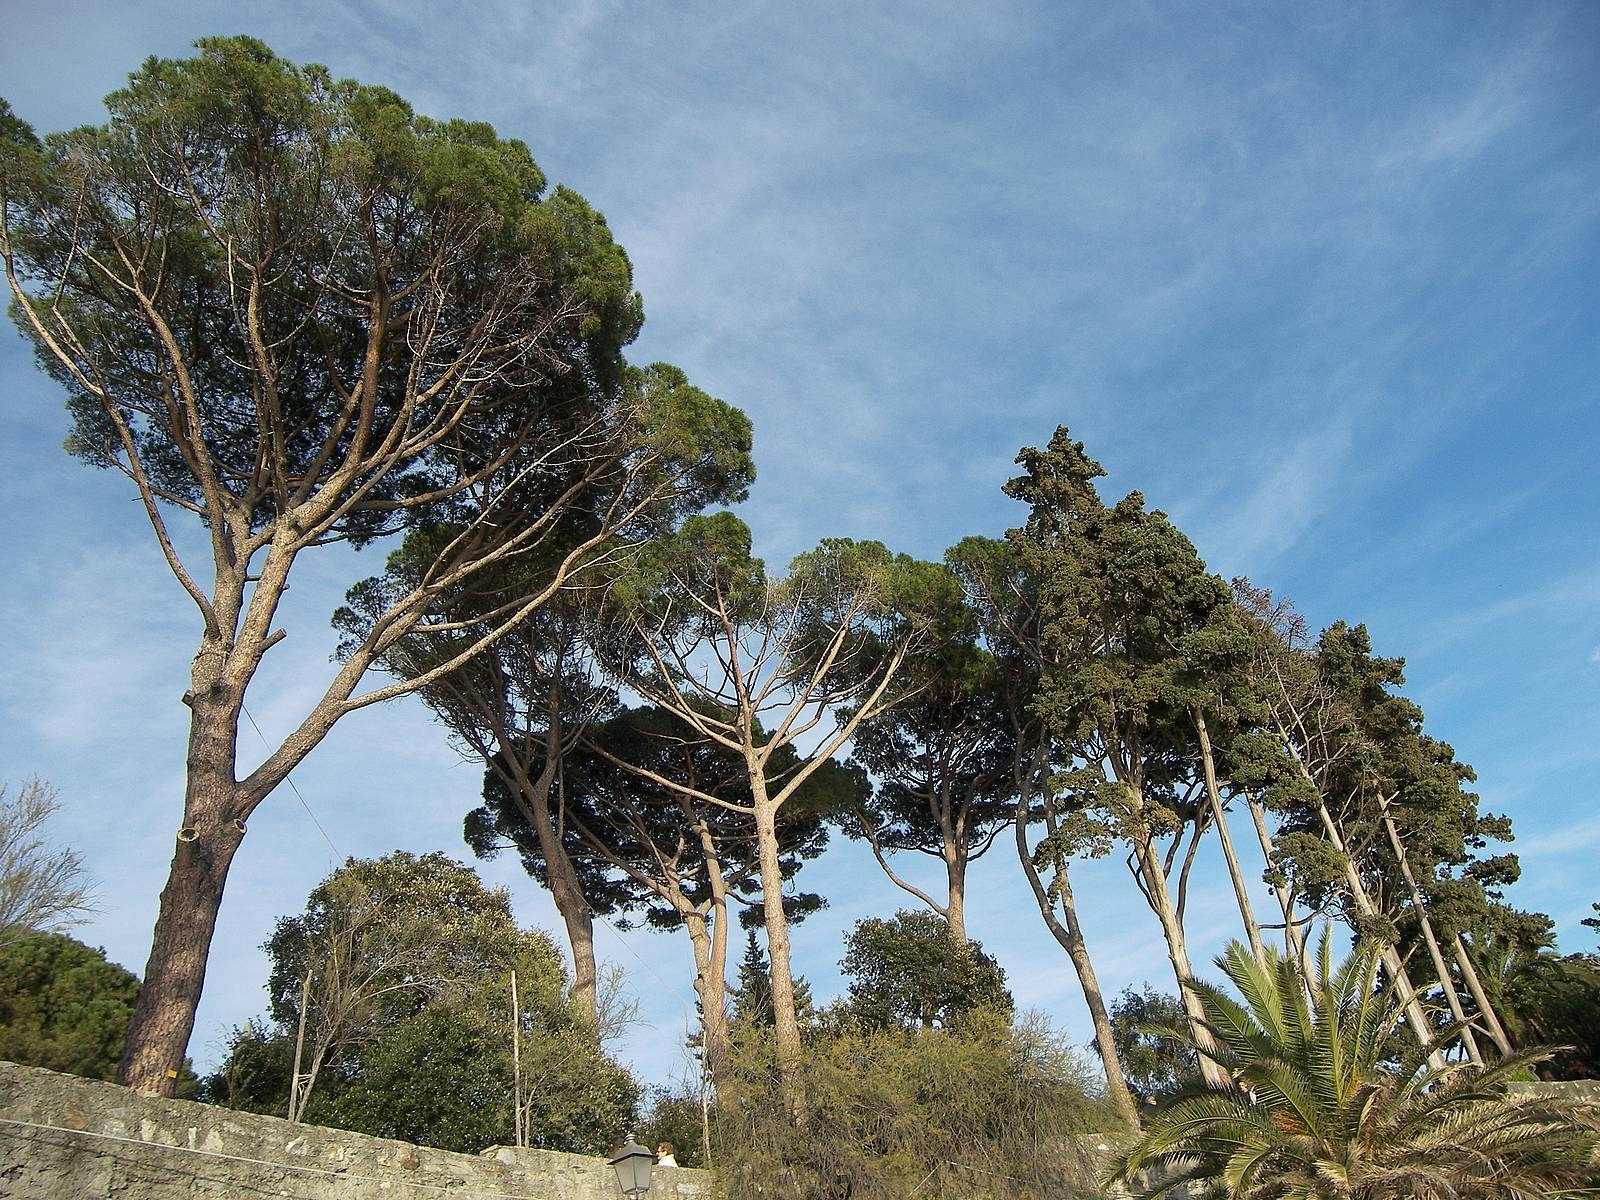 Pino marittimo pinus pinaster alberi caratteristiche pino marittimo - Grandi alberi da giardino ...